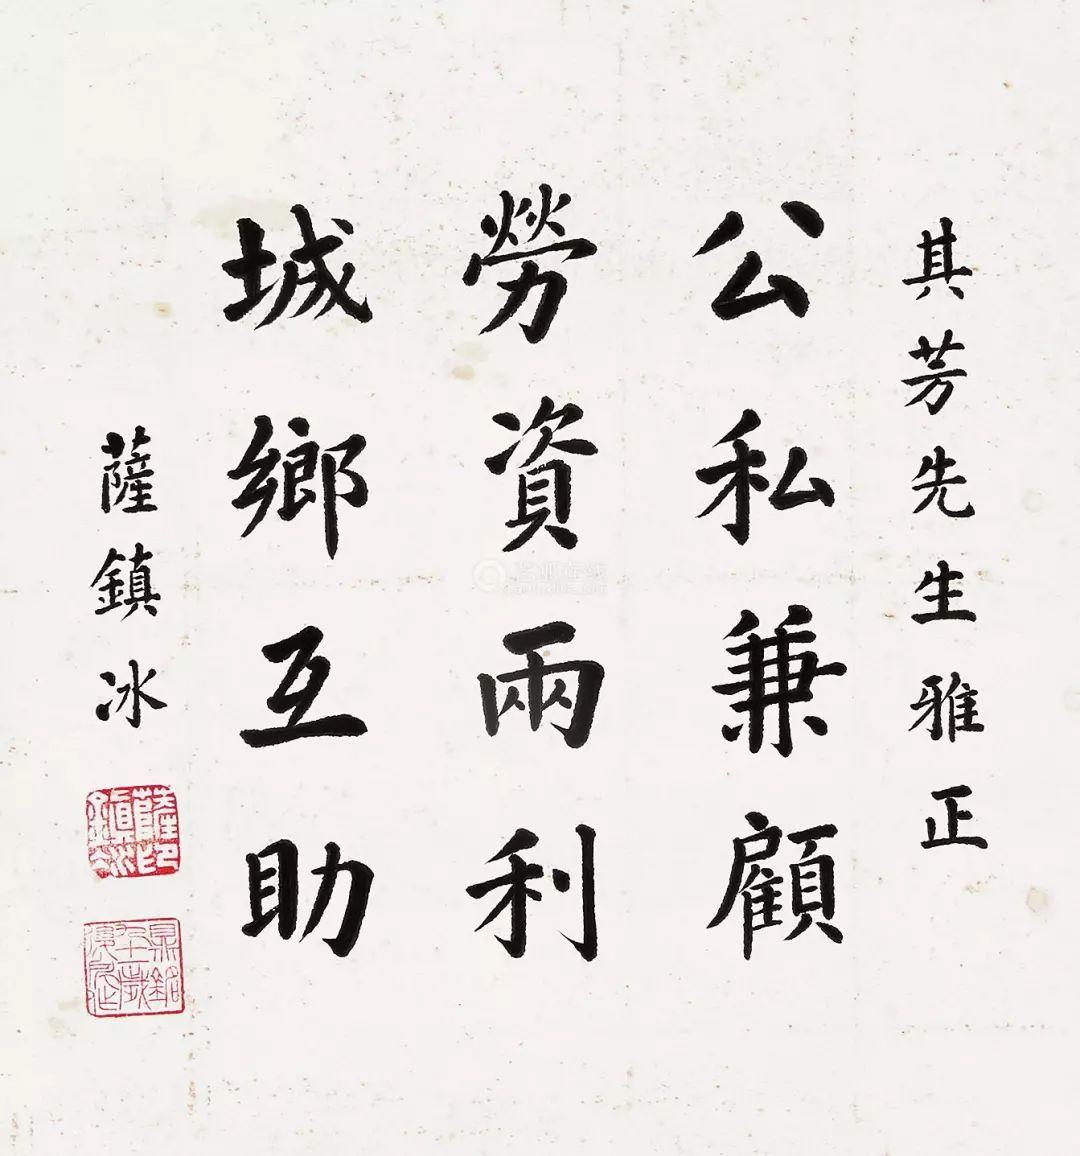 他是蒙古族后裔,担任民国海军司令,没想到书法温婉有才情 第5张